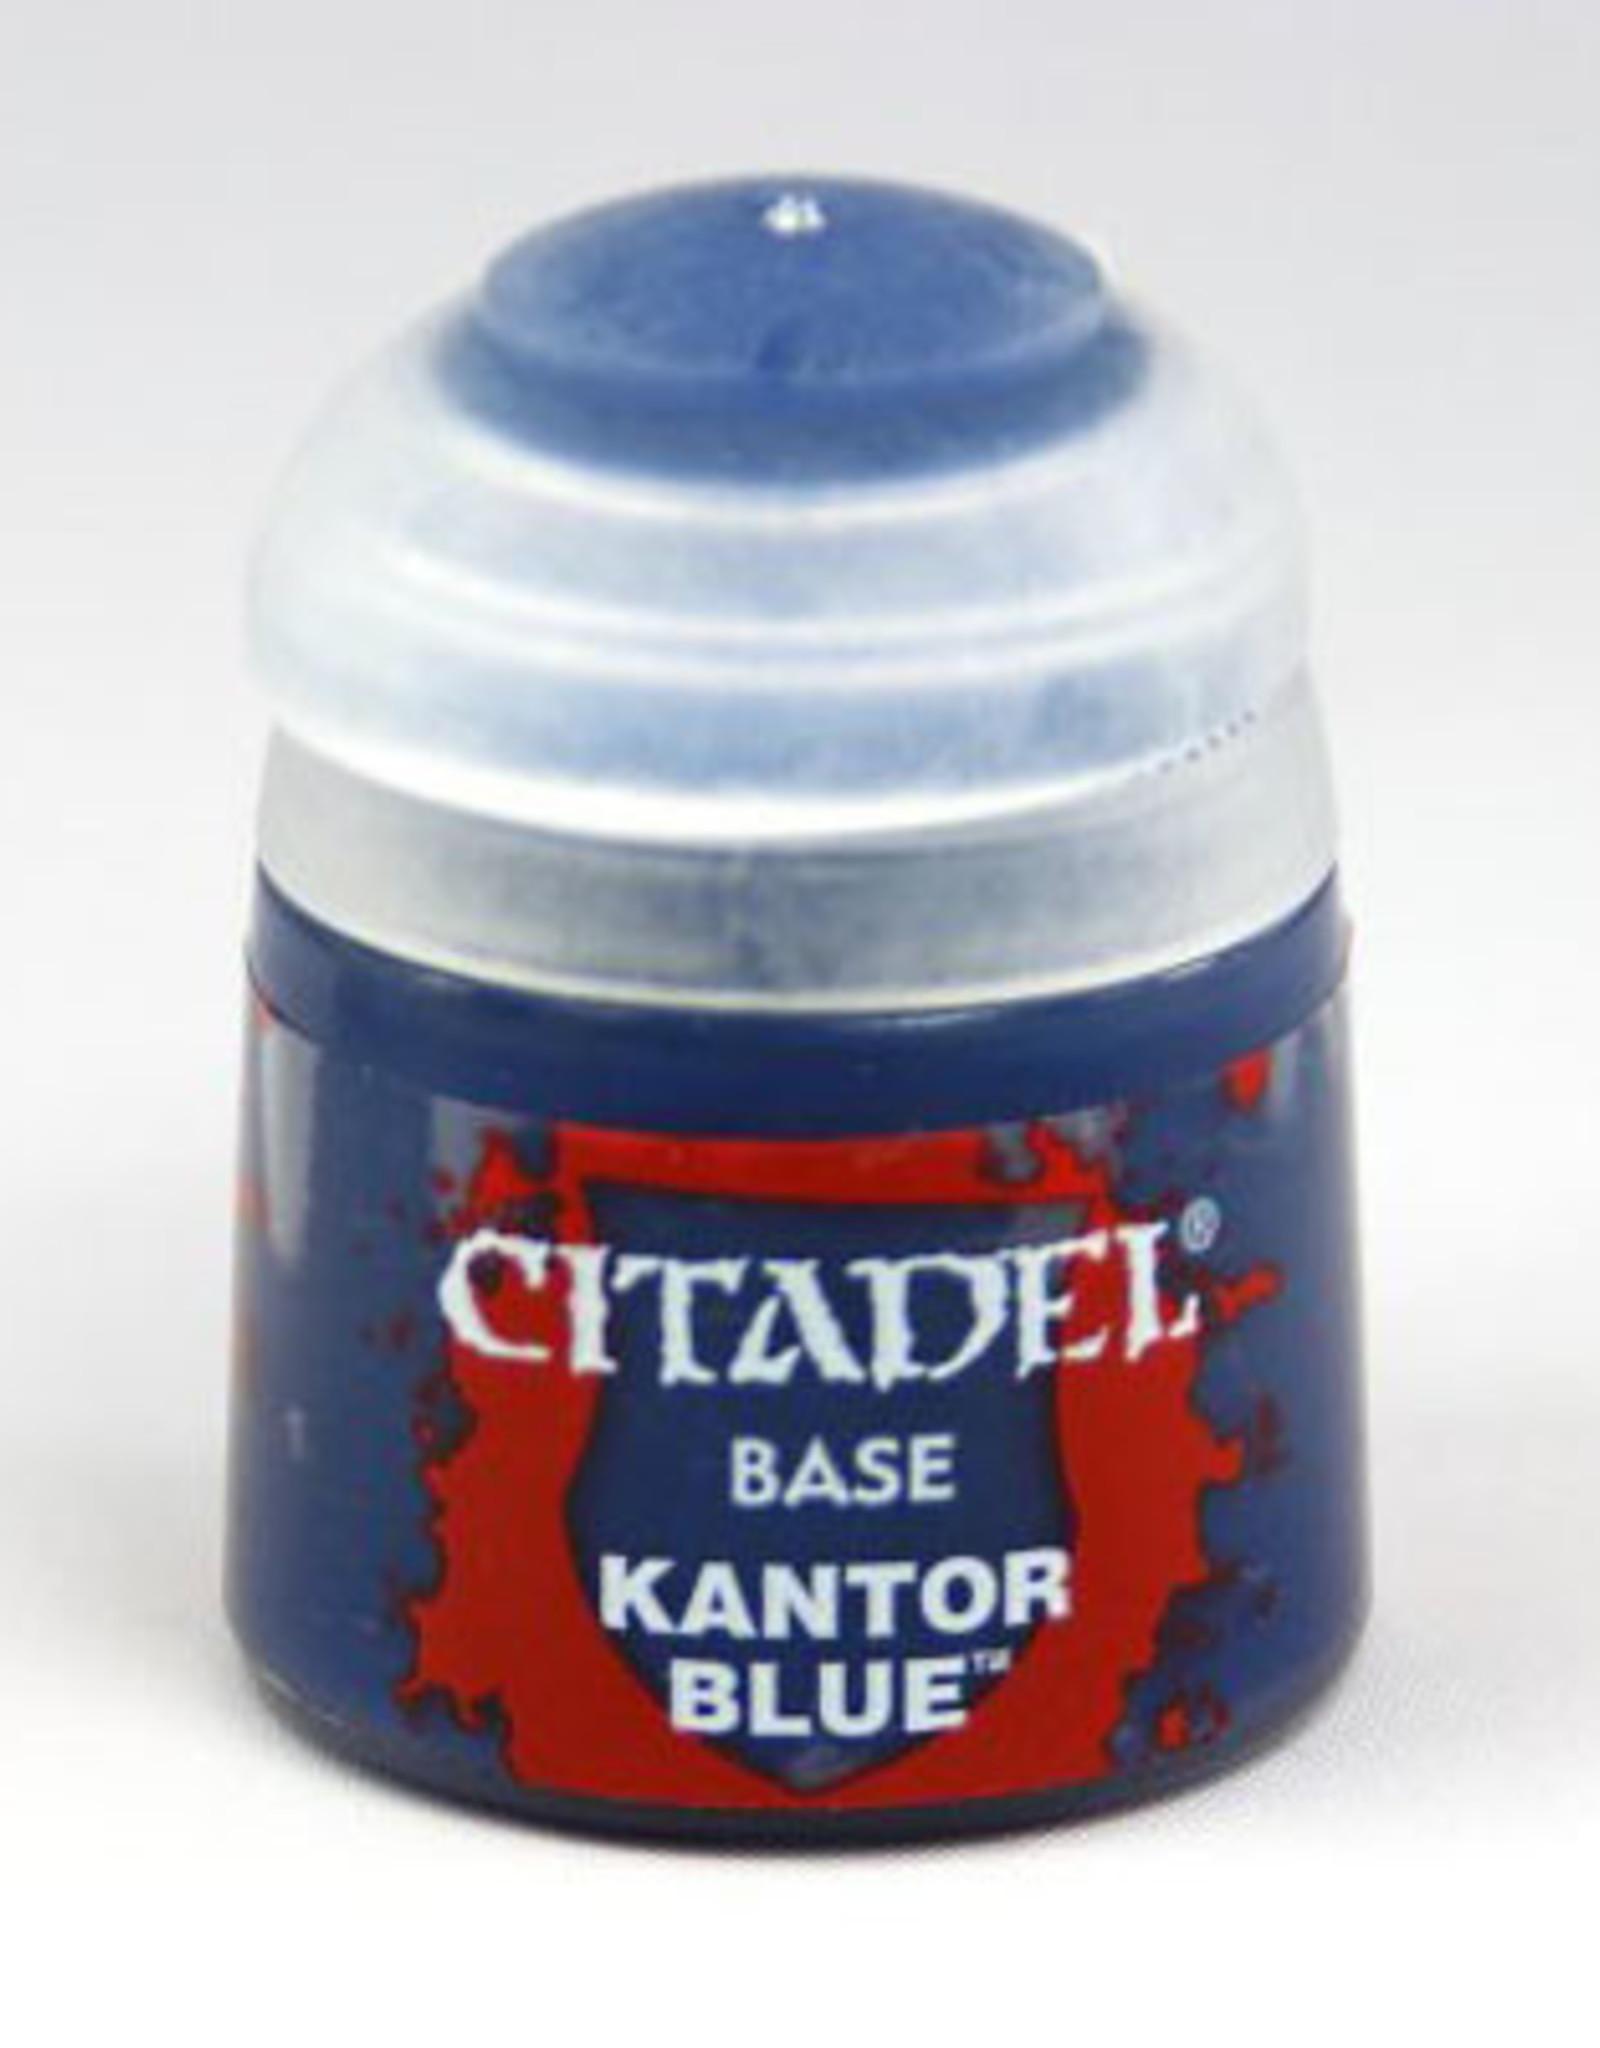 Games Workshop Citadel Paint: Base - Kantor Blue